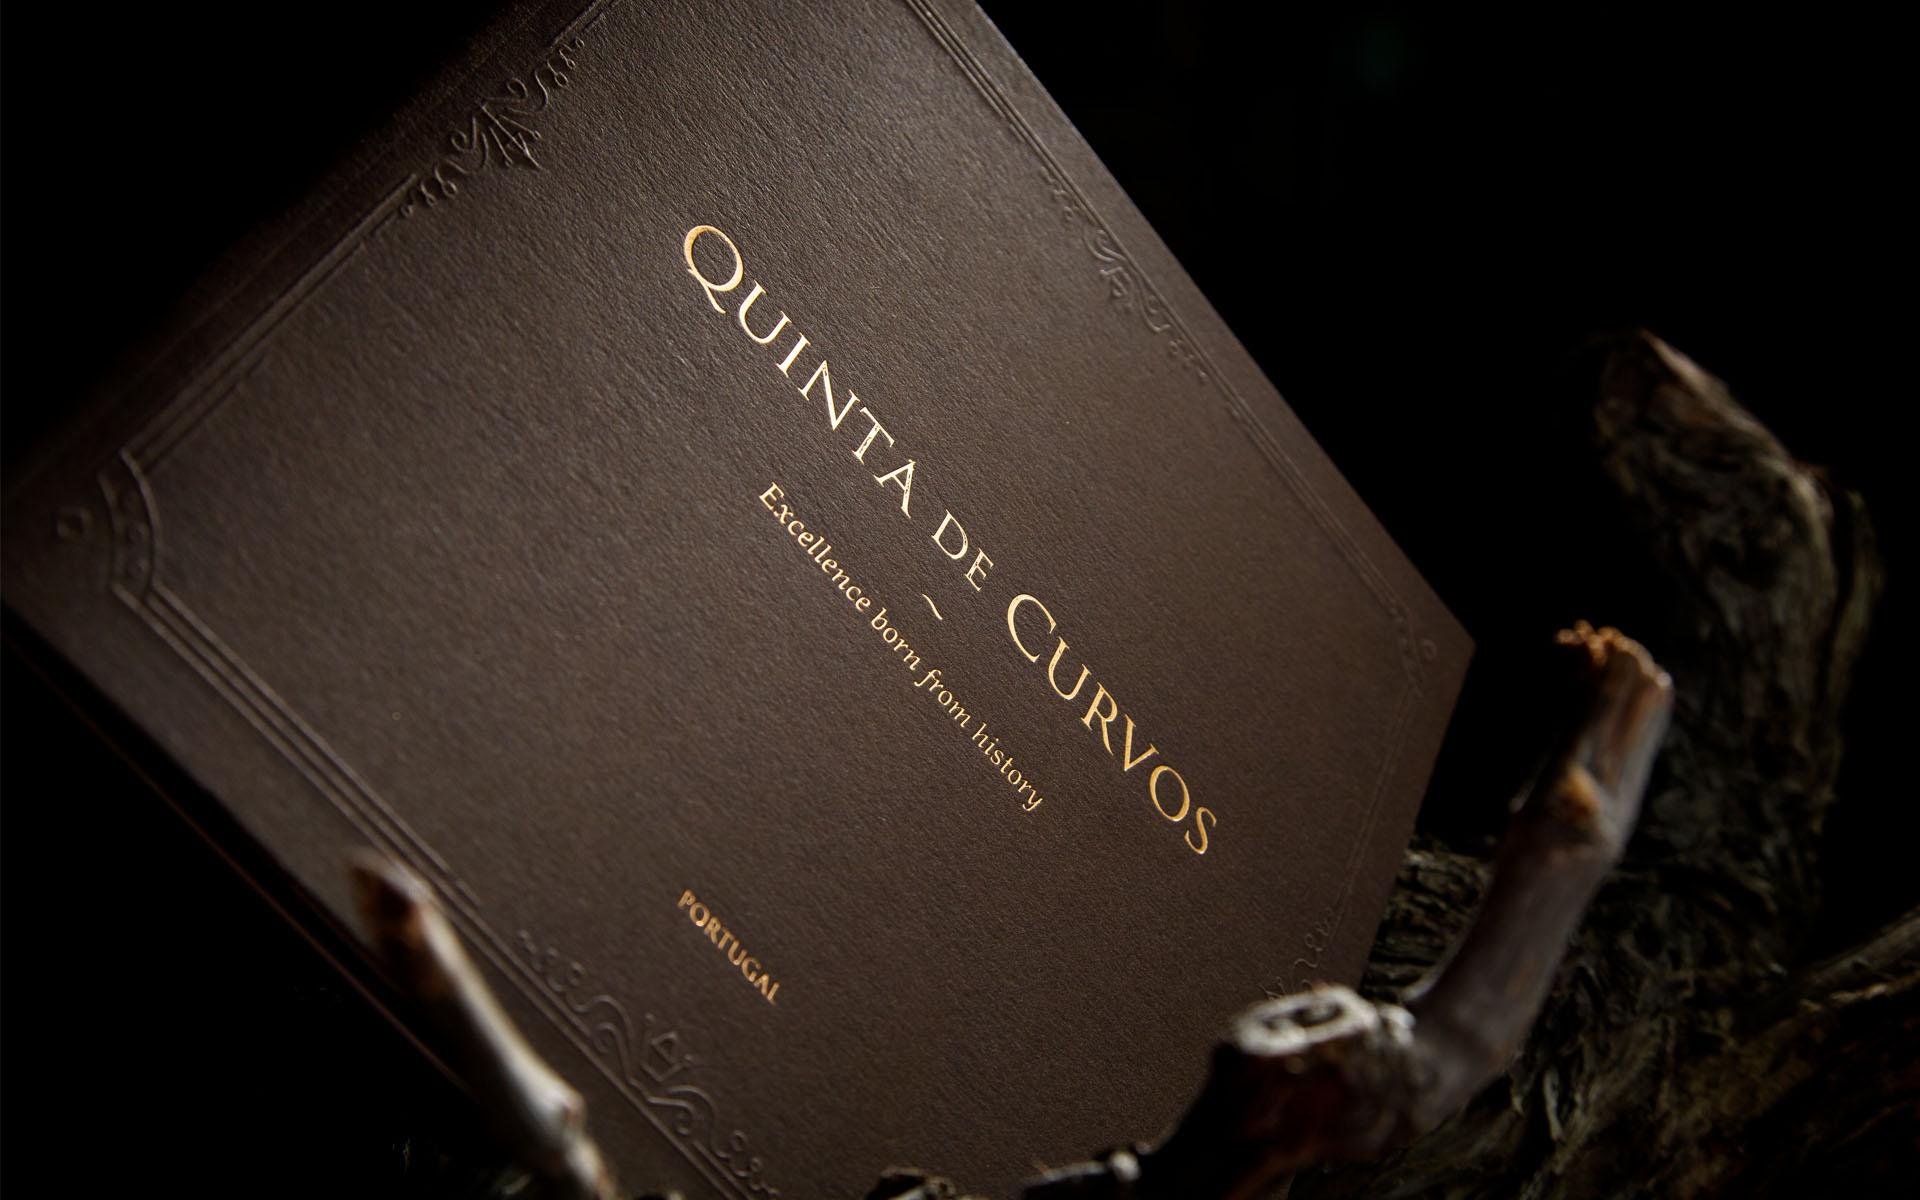 Elegante e sofisticado, é assim que se veste o catálogo da Quinta de Curvos